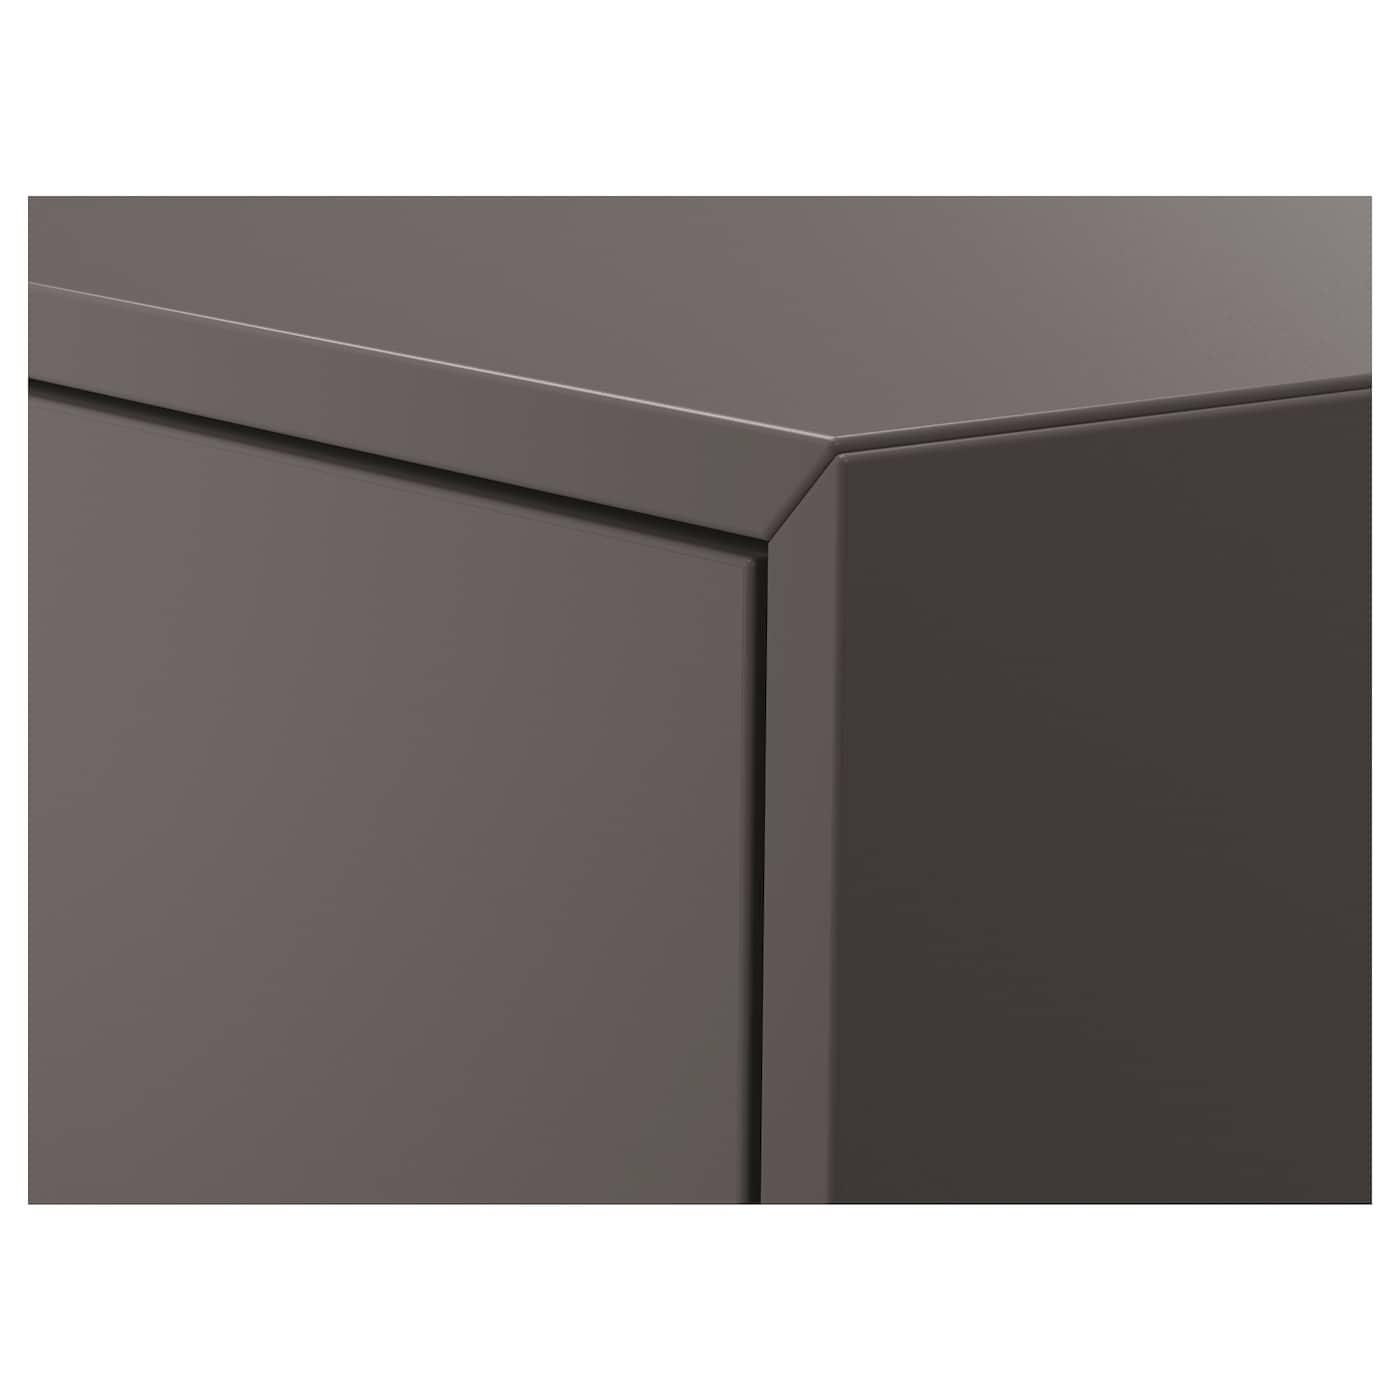 EKET rangement 2 tiroirs gris foncé 35 cm 35 cm 35 cm 26 cm 27 cm 1.50 kg